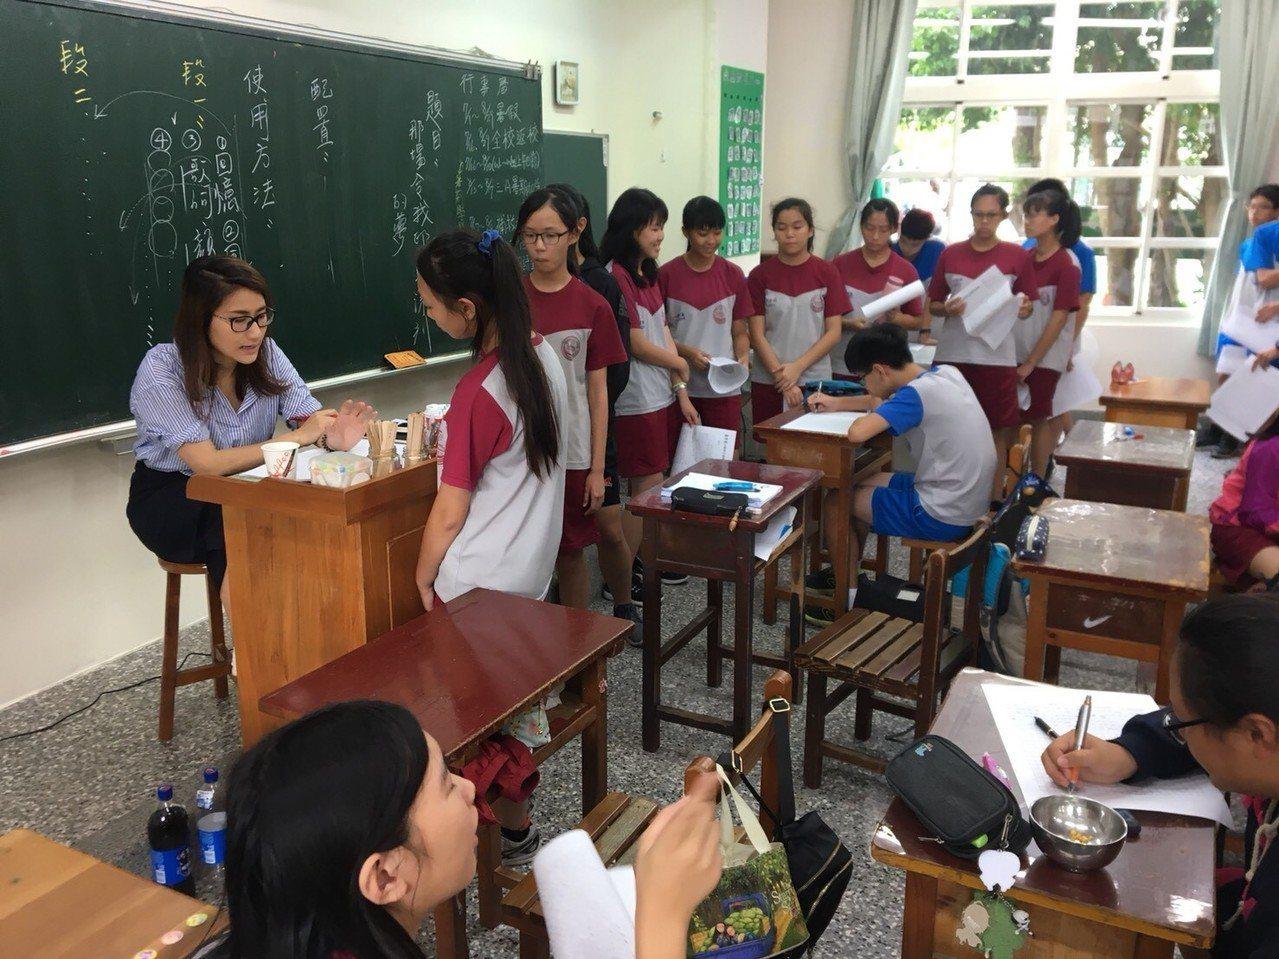 老師仔細批閱,與學生互動打成一片。/主辦單位提供